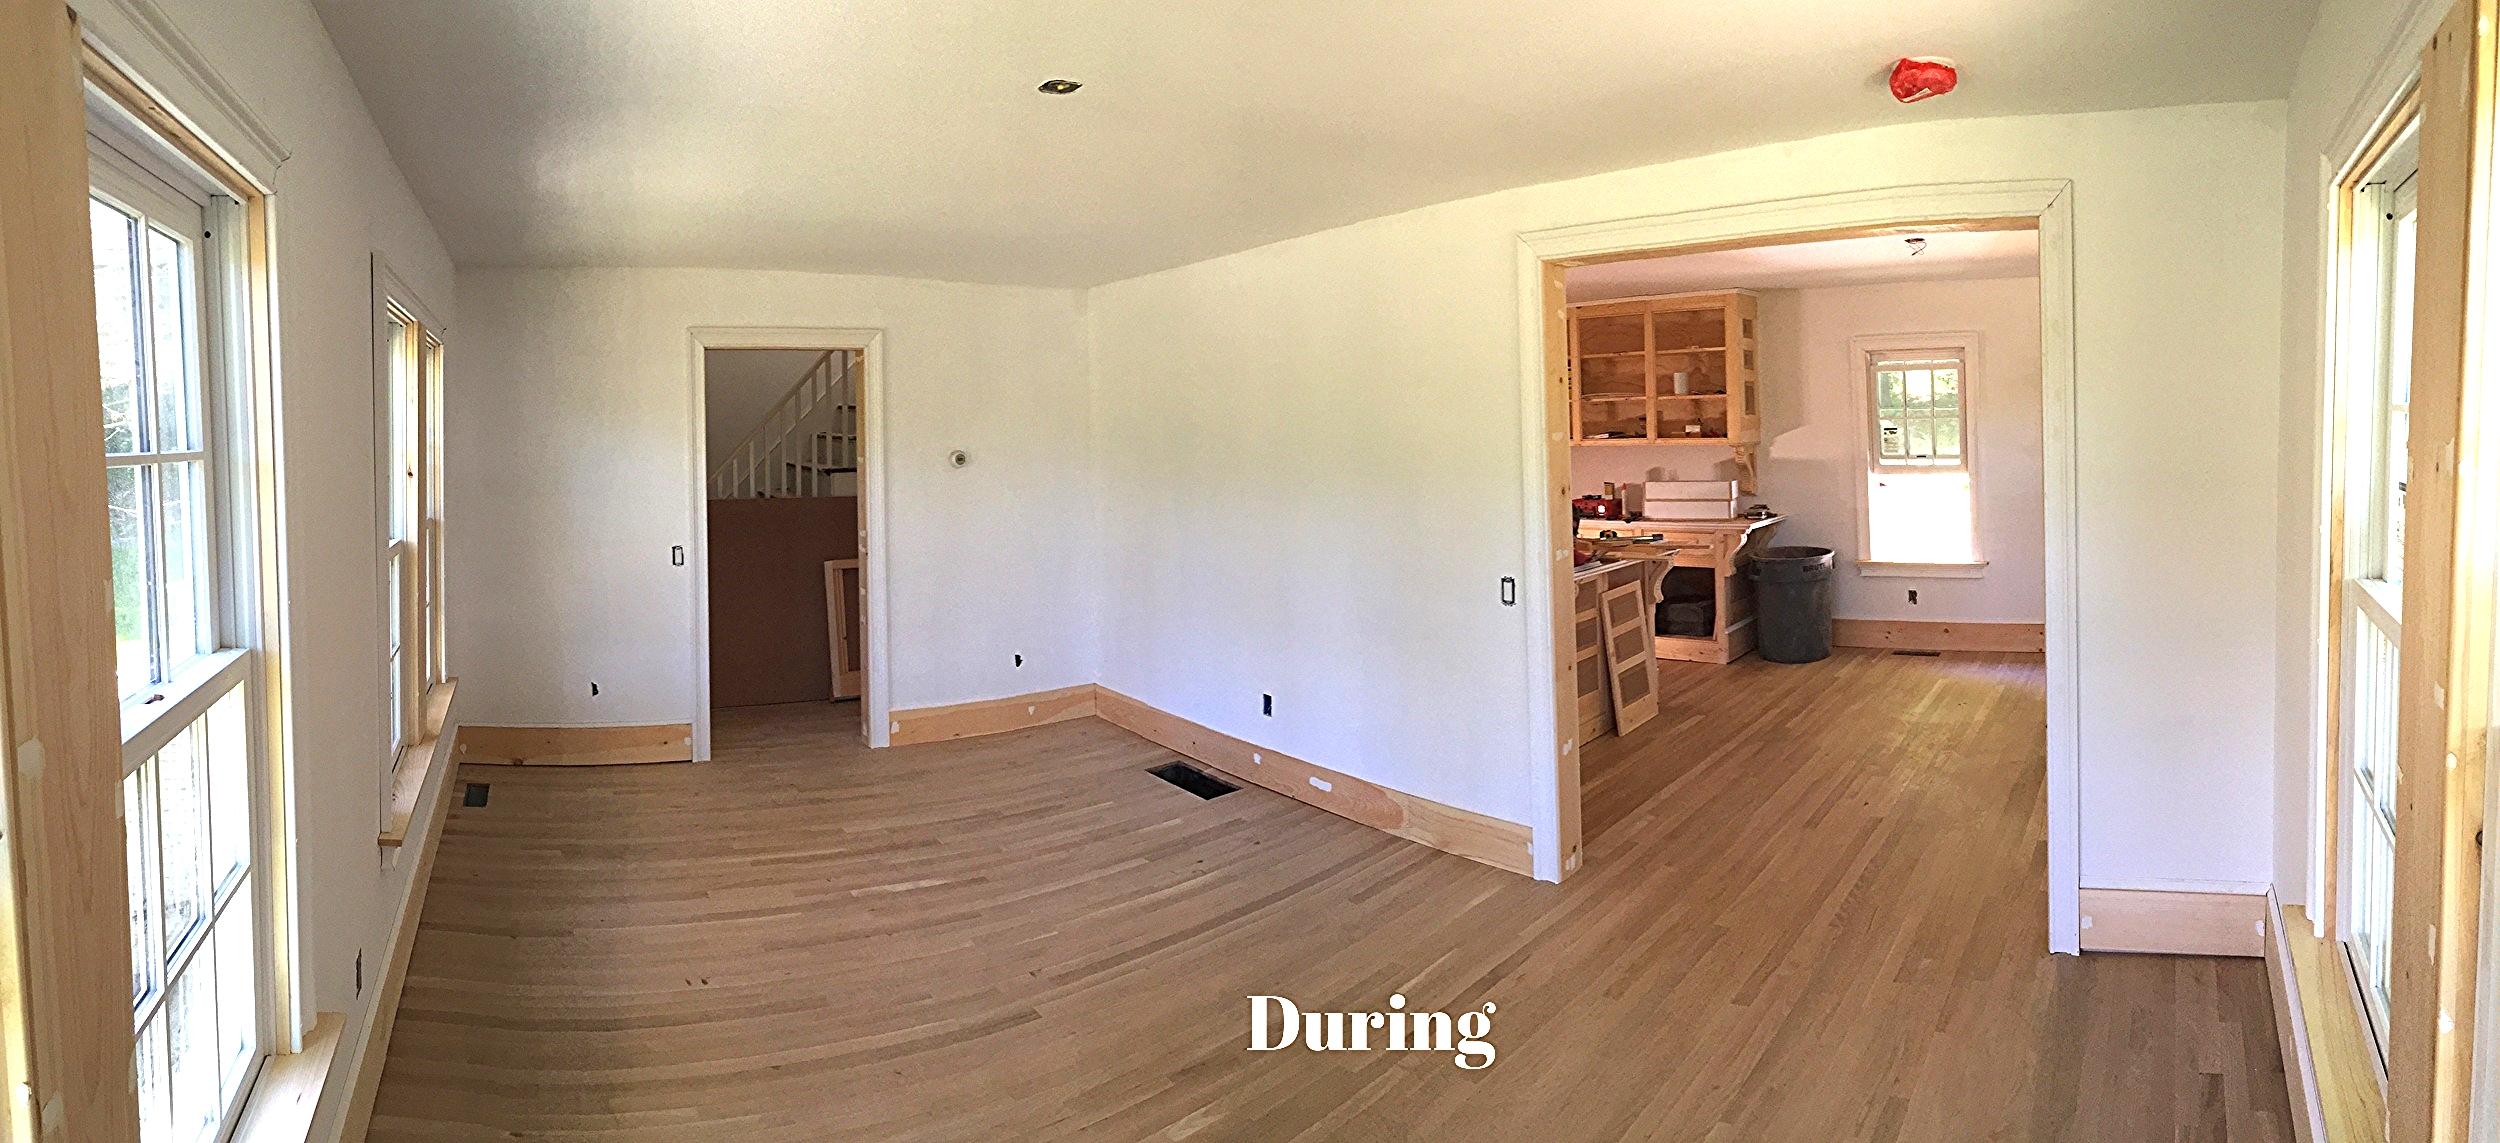 Living Room During 31.jpg